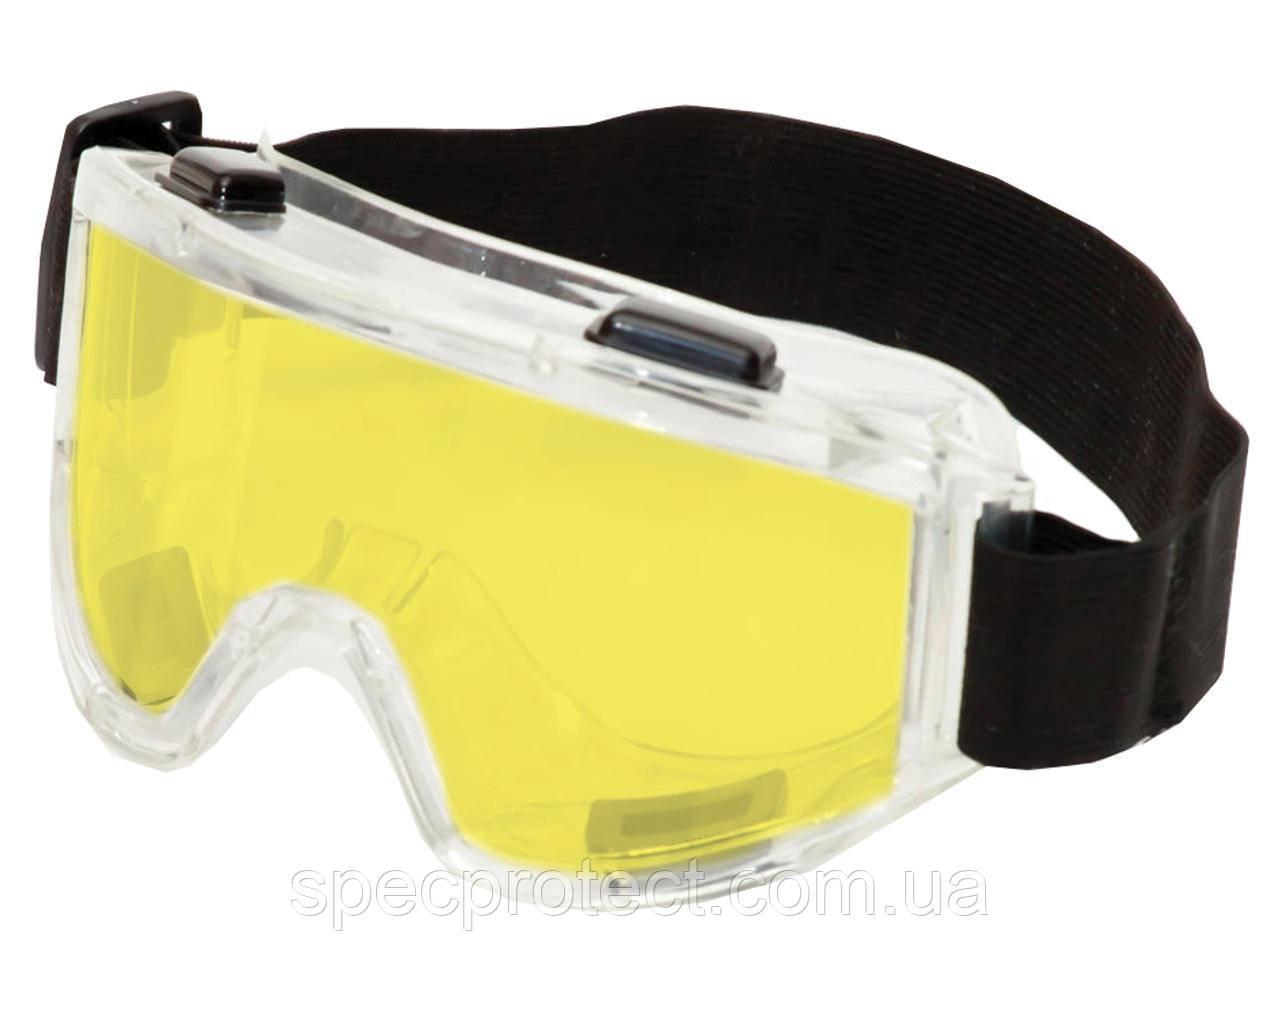 Окуляри захисні Vision Контраст+ лінза жовта з непрямою